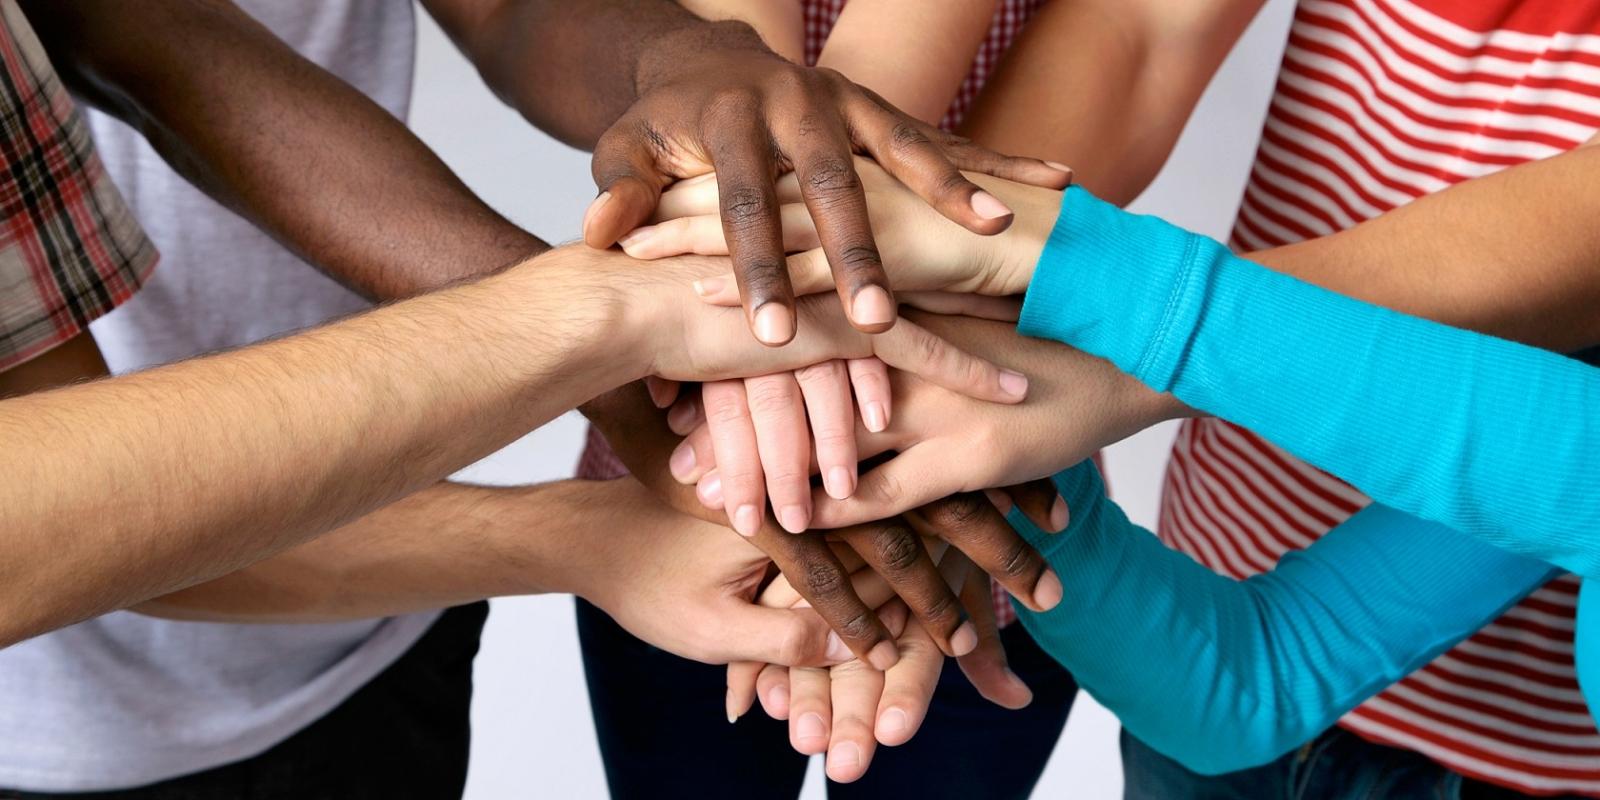 La Mutuelle des Douanes, votre mutuelle d'Action sociale et Solidaire se mobilise. Elle met en place une aide spéciale COVID-19 dans le cadre du « secours exceptionnel solidarité » étendu durant ...